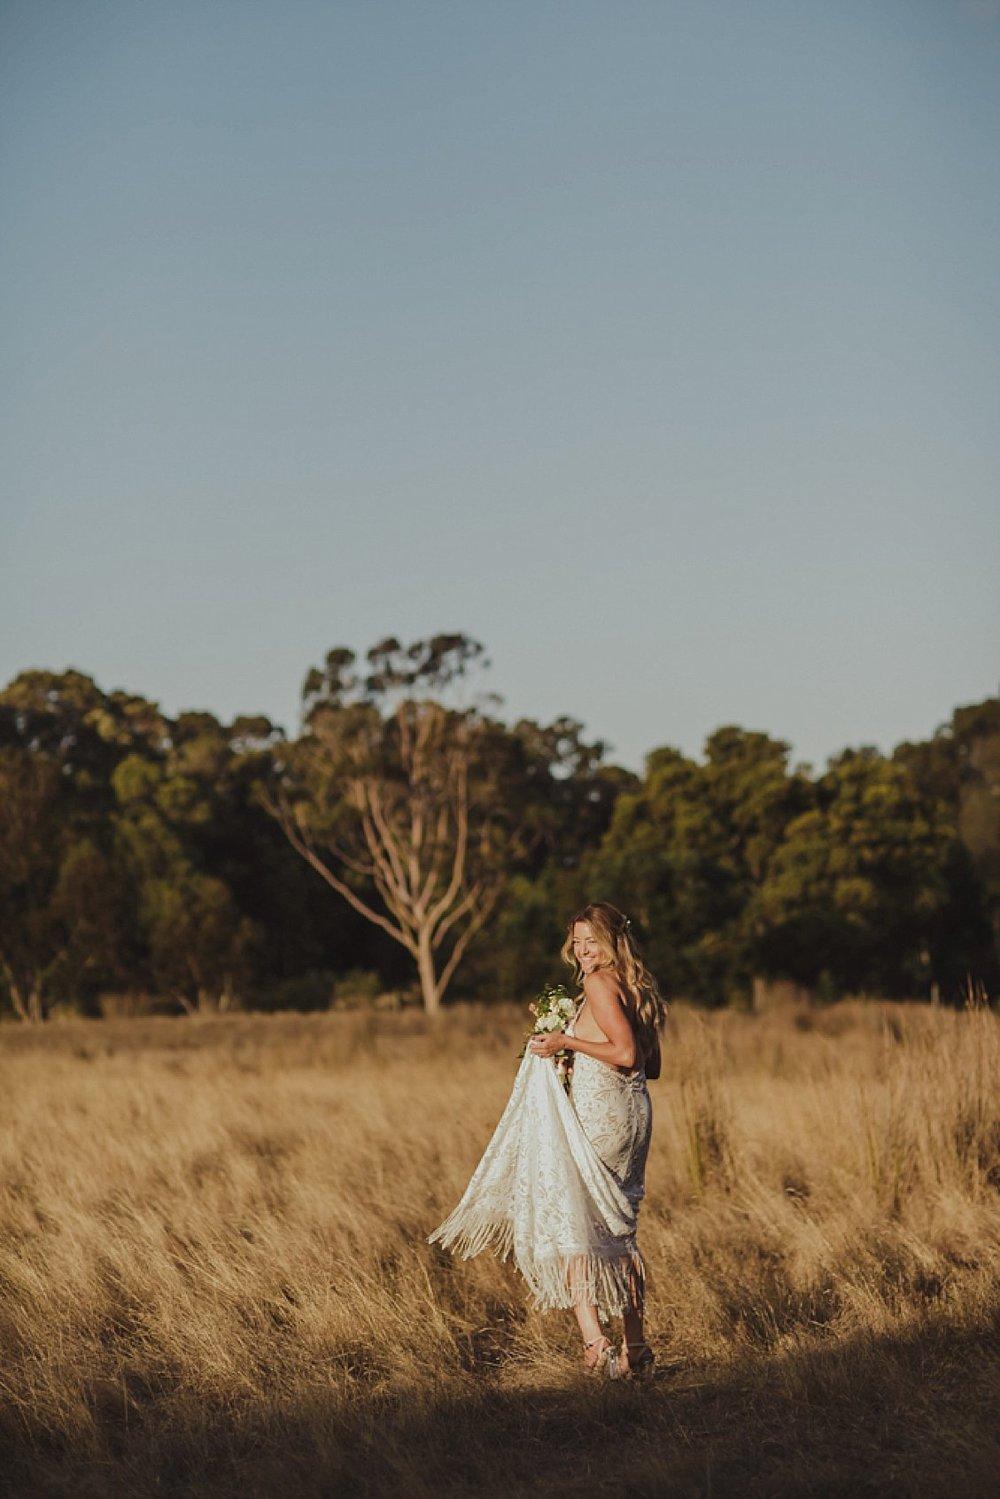 margaret-river-wedding-photographer-75.jpg